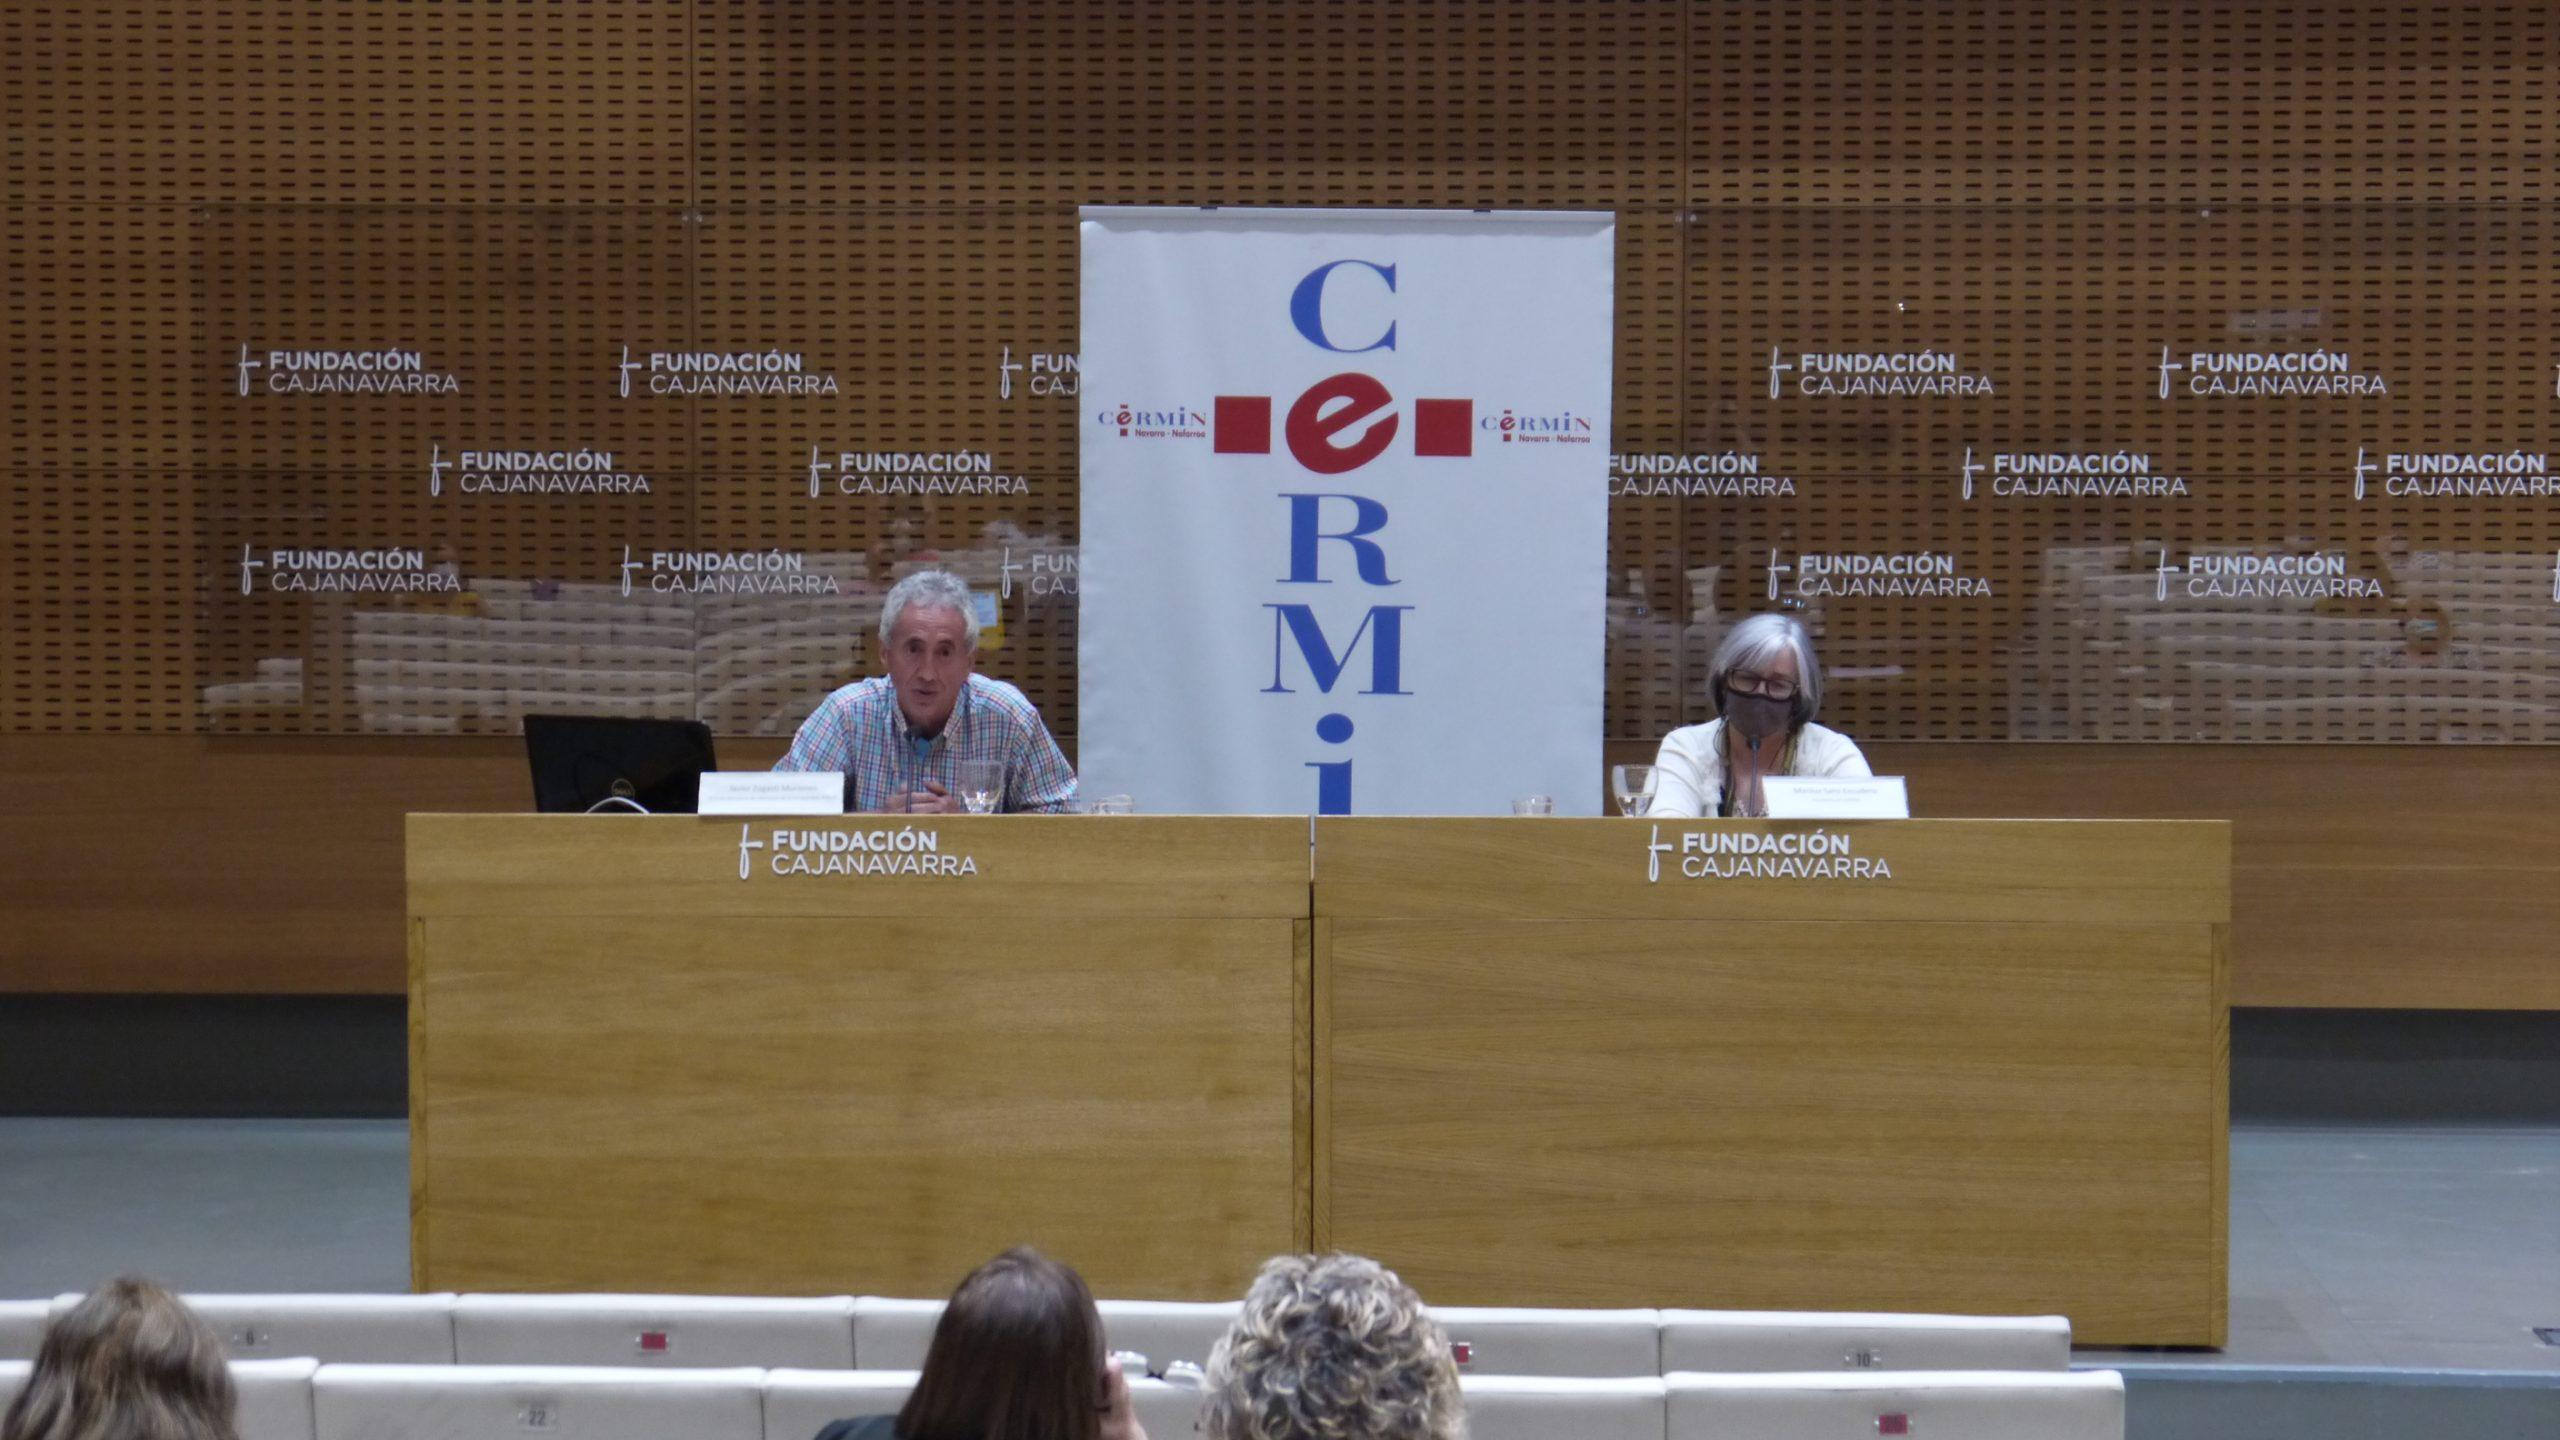 Javier Zugasti y Mariluz Sanz durante el turno de preguntas